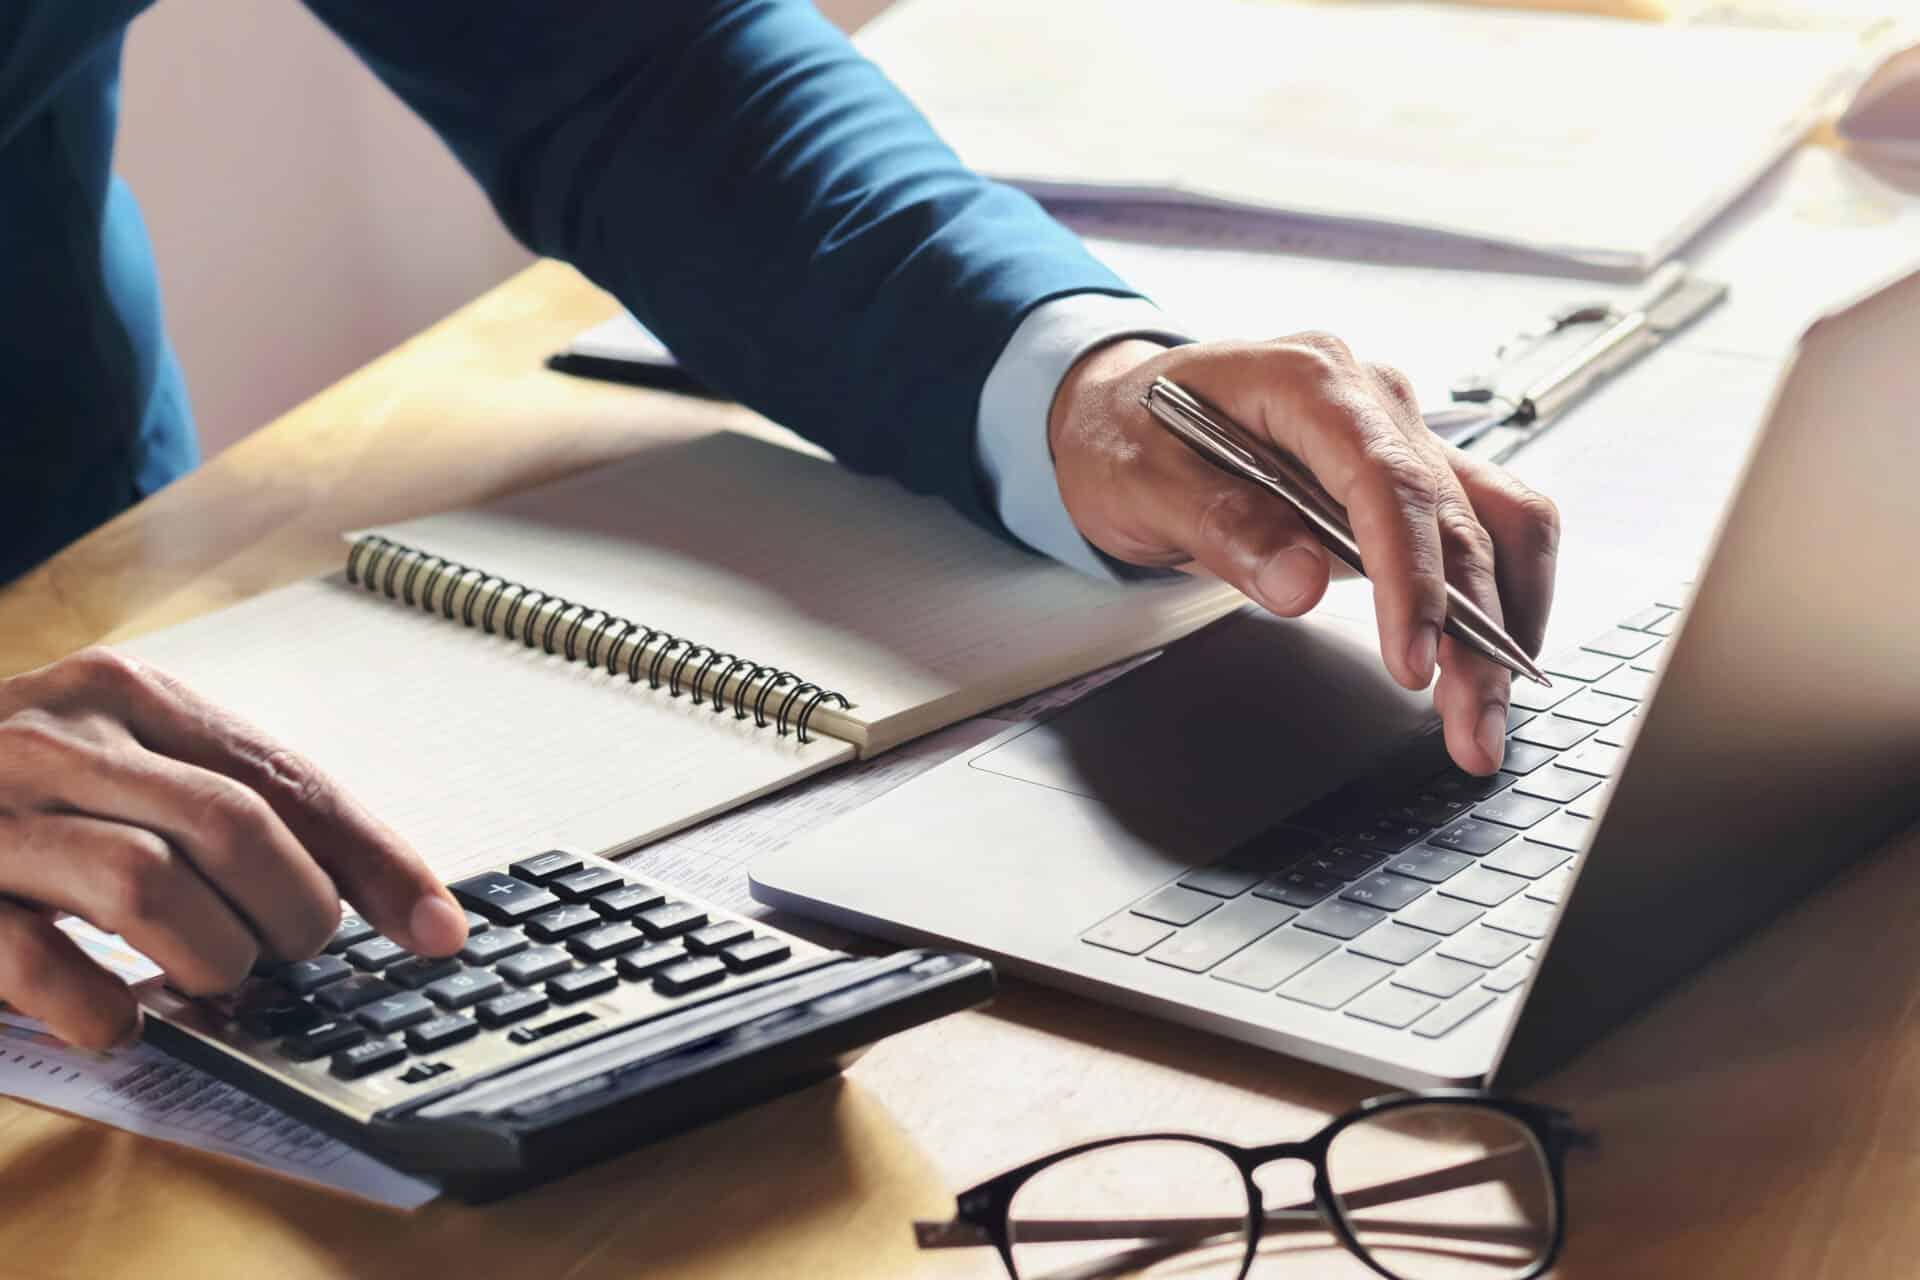 Buchhaltungssoftware 2020 - Die 5 besten Tools im Vergleich